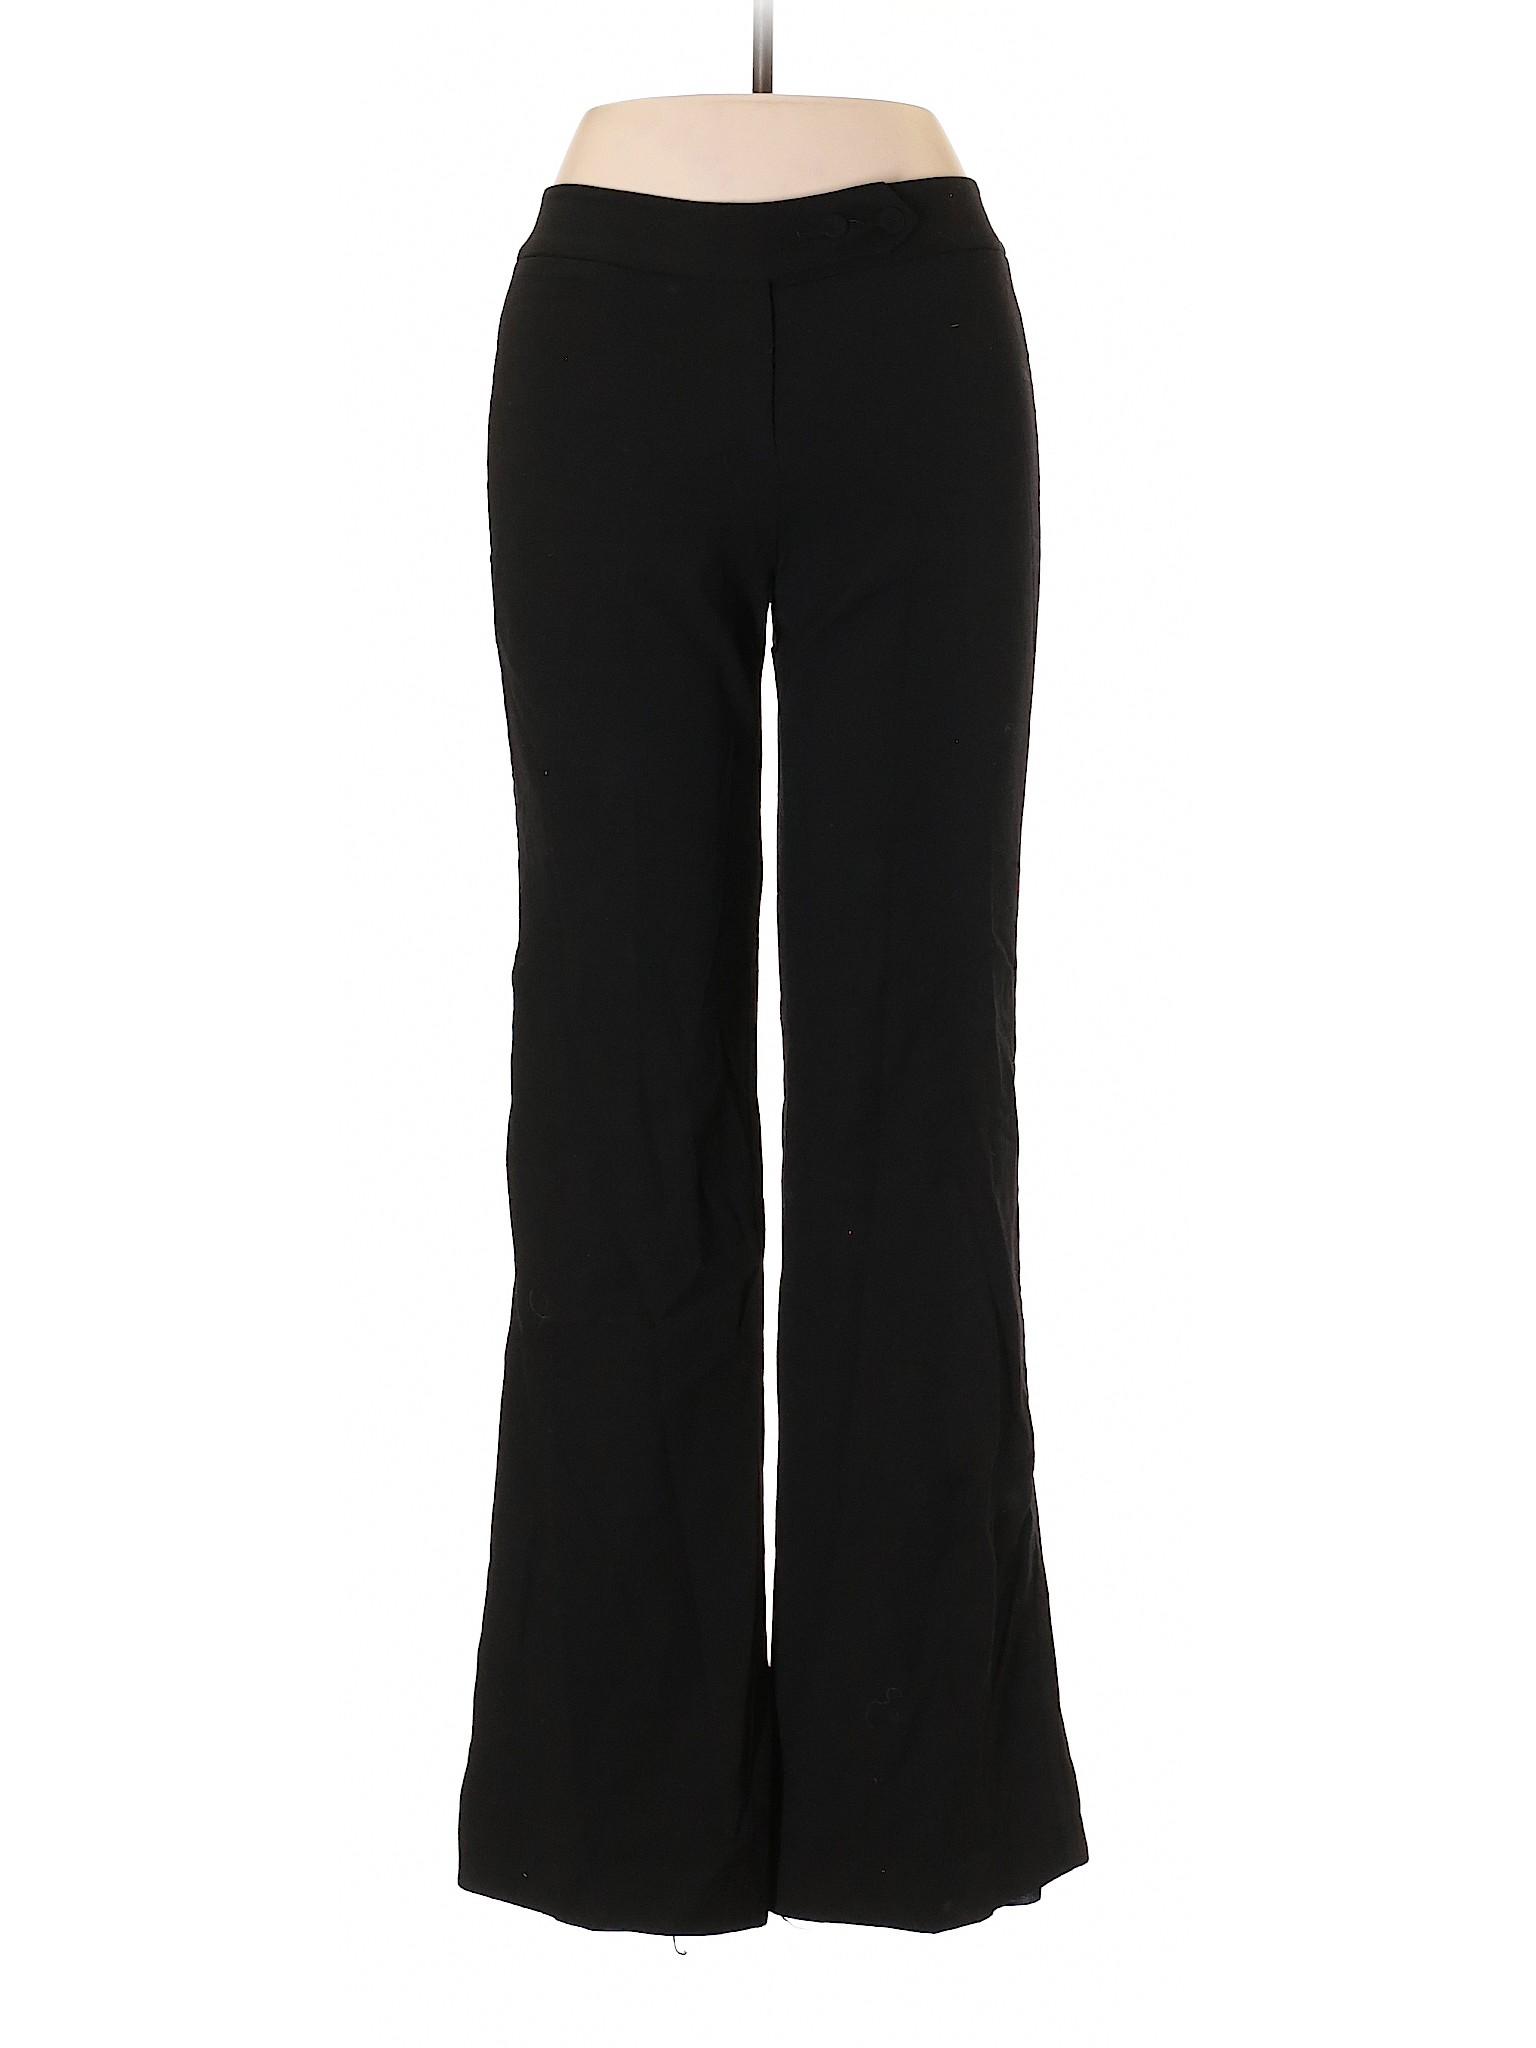 leisure Pants Boutique Wool Ann Taylor v6xqdxZwa